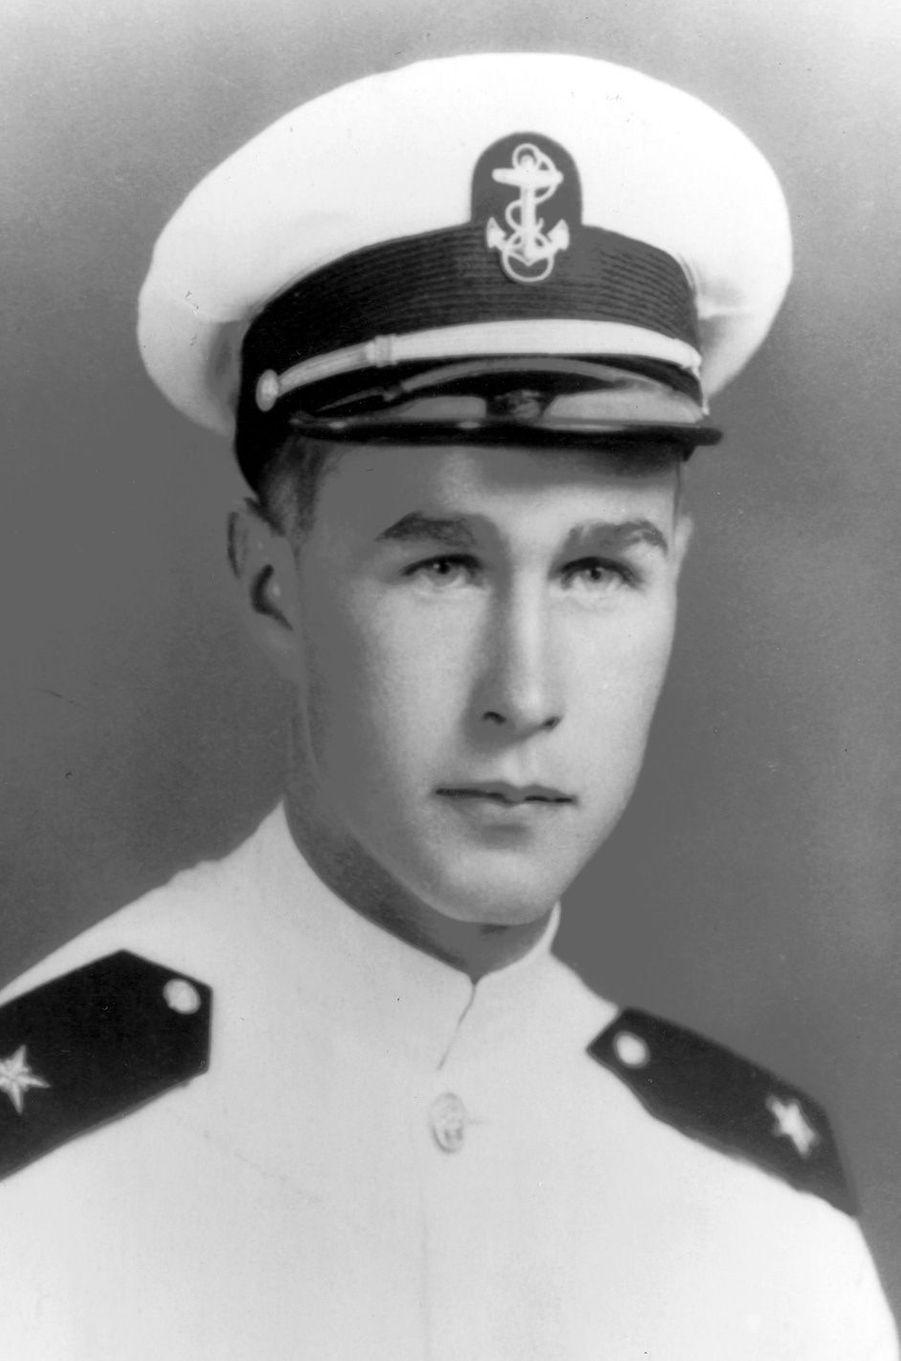 George H. W. Bush jeune cadet dans la Navy en 1943